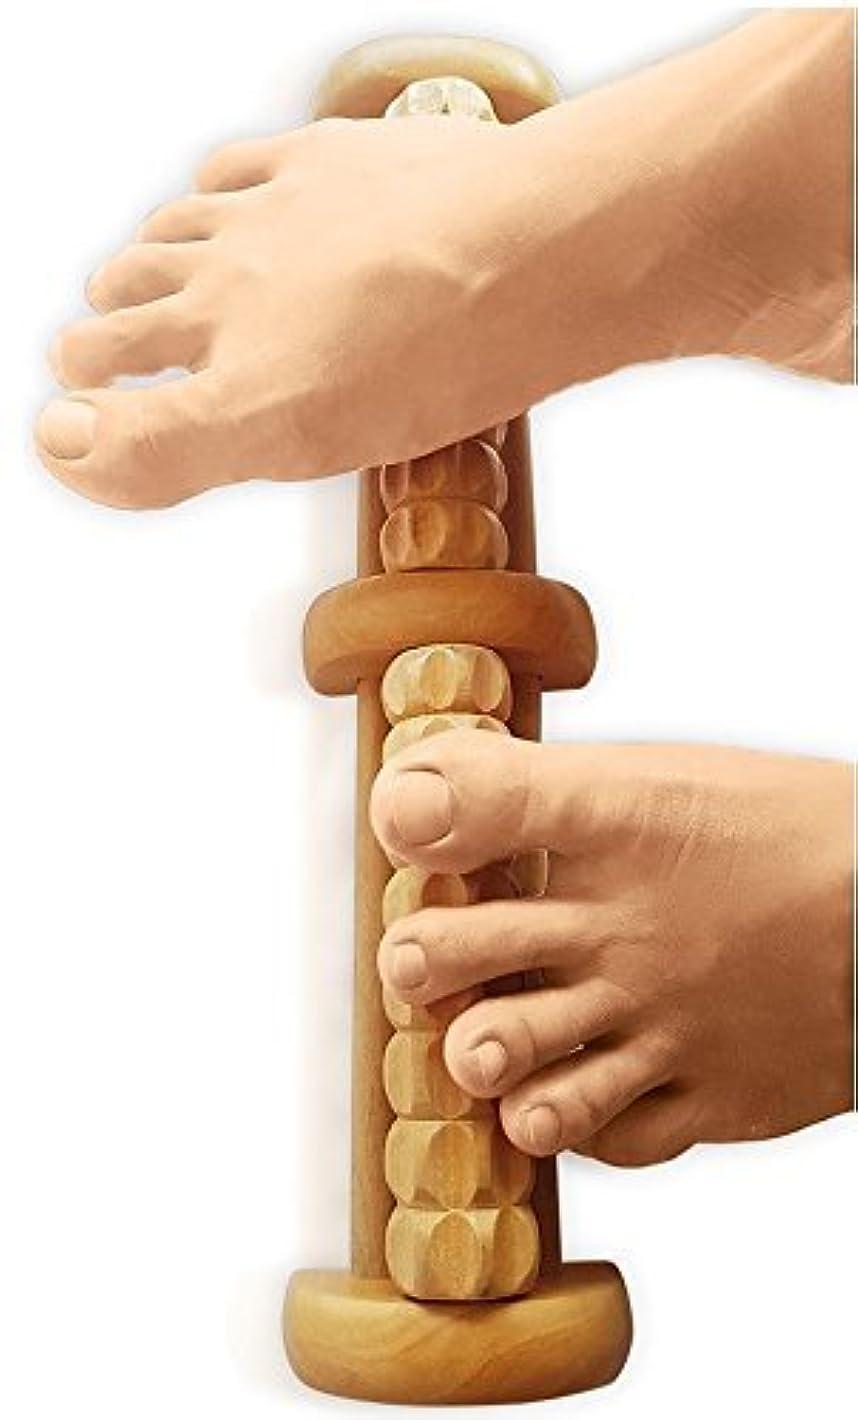 タンカー戸口取り除く(New) TheraFlow Foot Massager Roller - Plantar Fasciitis, Trigger Point Relief - Acupressure Reflexology Tool for Foot Pain, Relaxation, Stress Relief and Diabetic Neuropathy. Christmas Gift 141[並行輸入]